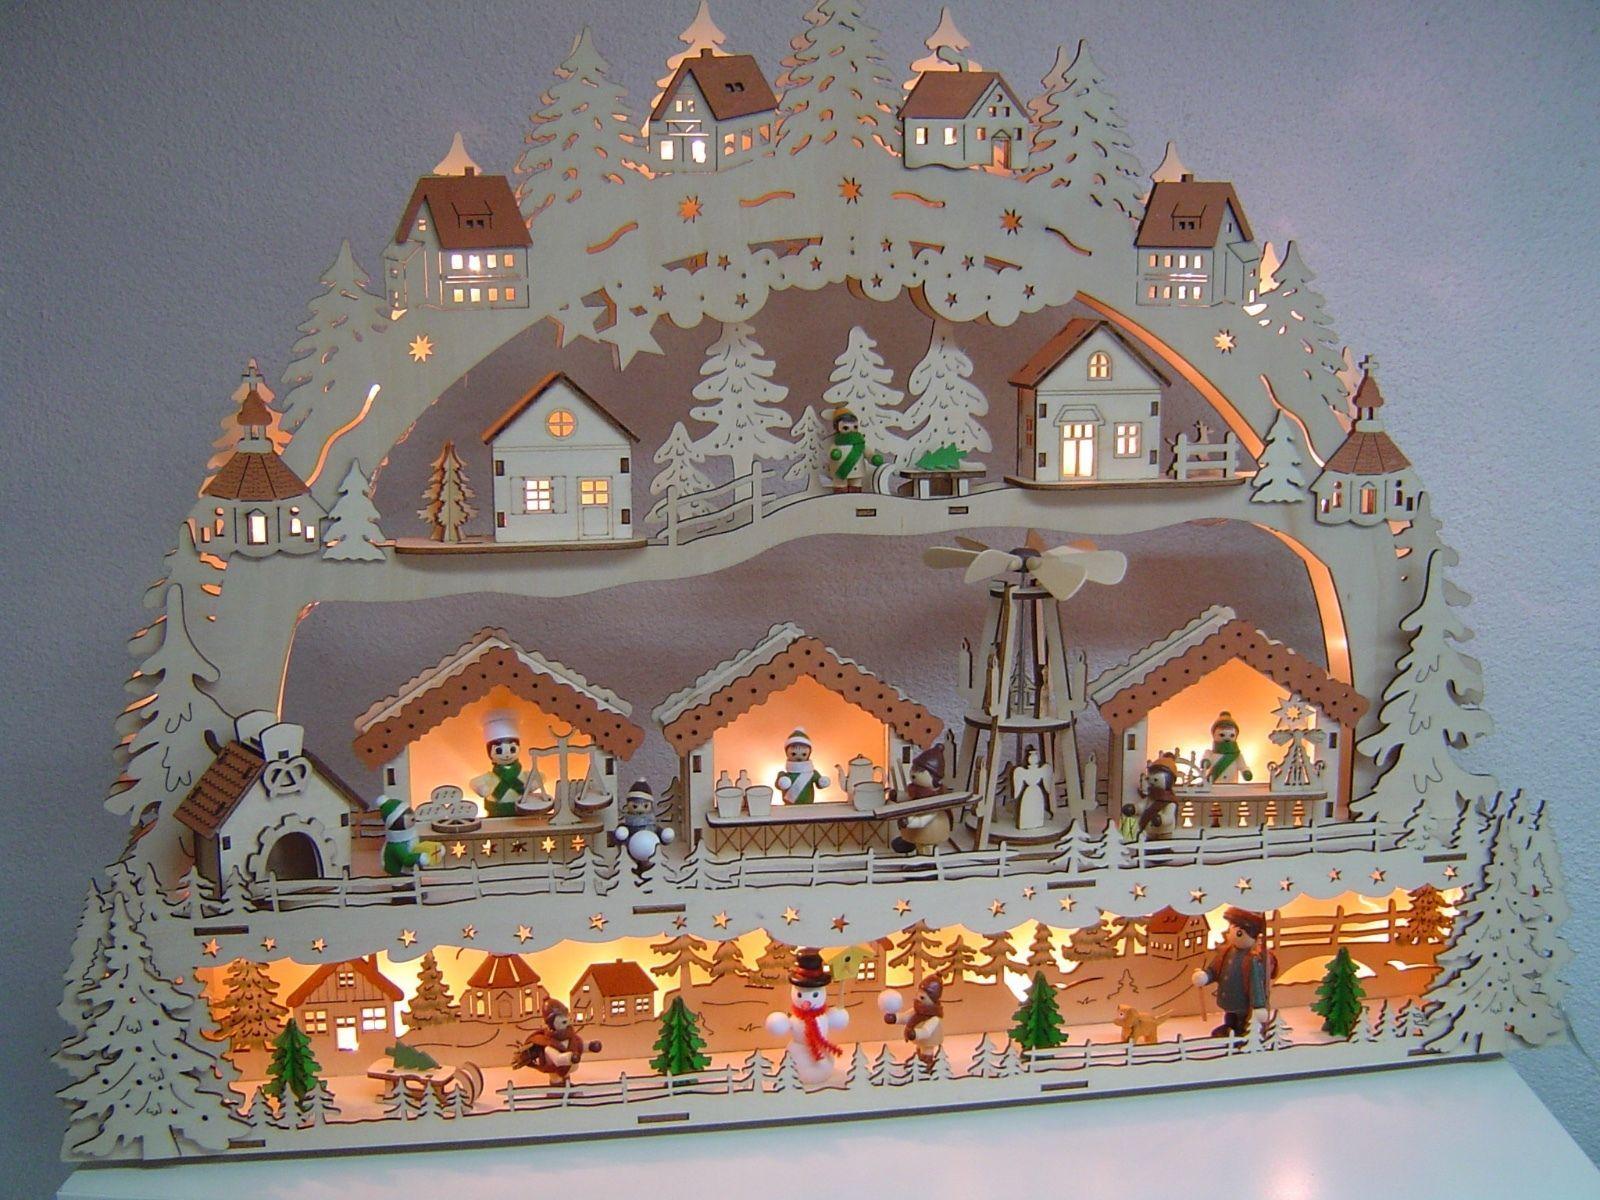 Weihnachtsbeleuchtung Dekoration Schwibbogen Lichterbogen Erzgebirge 72 4610